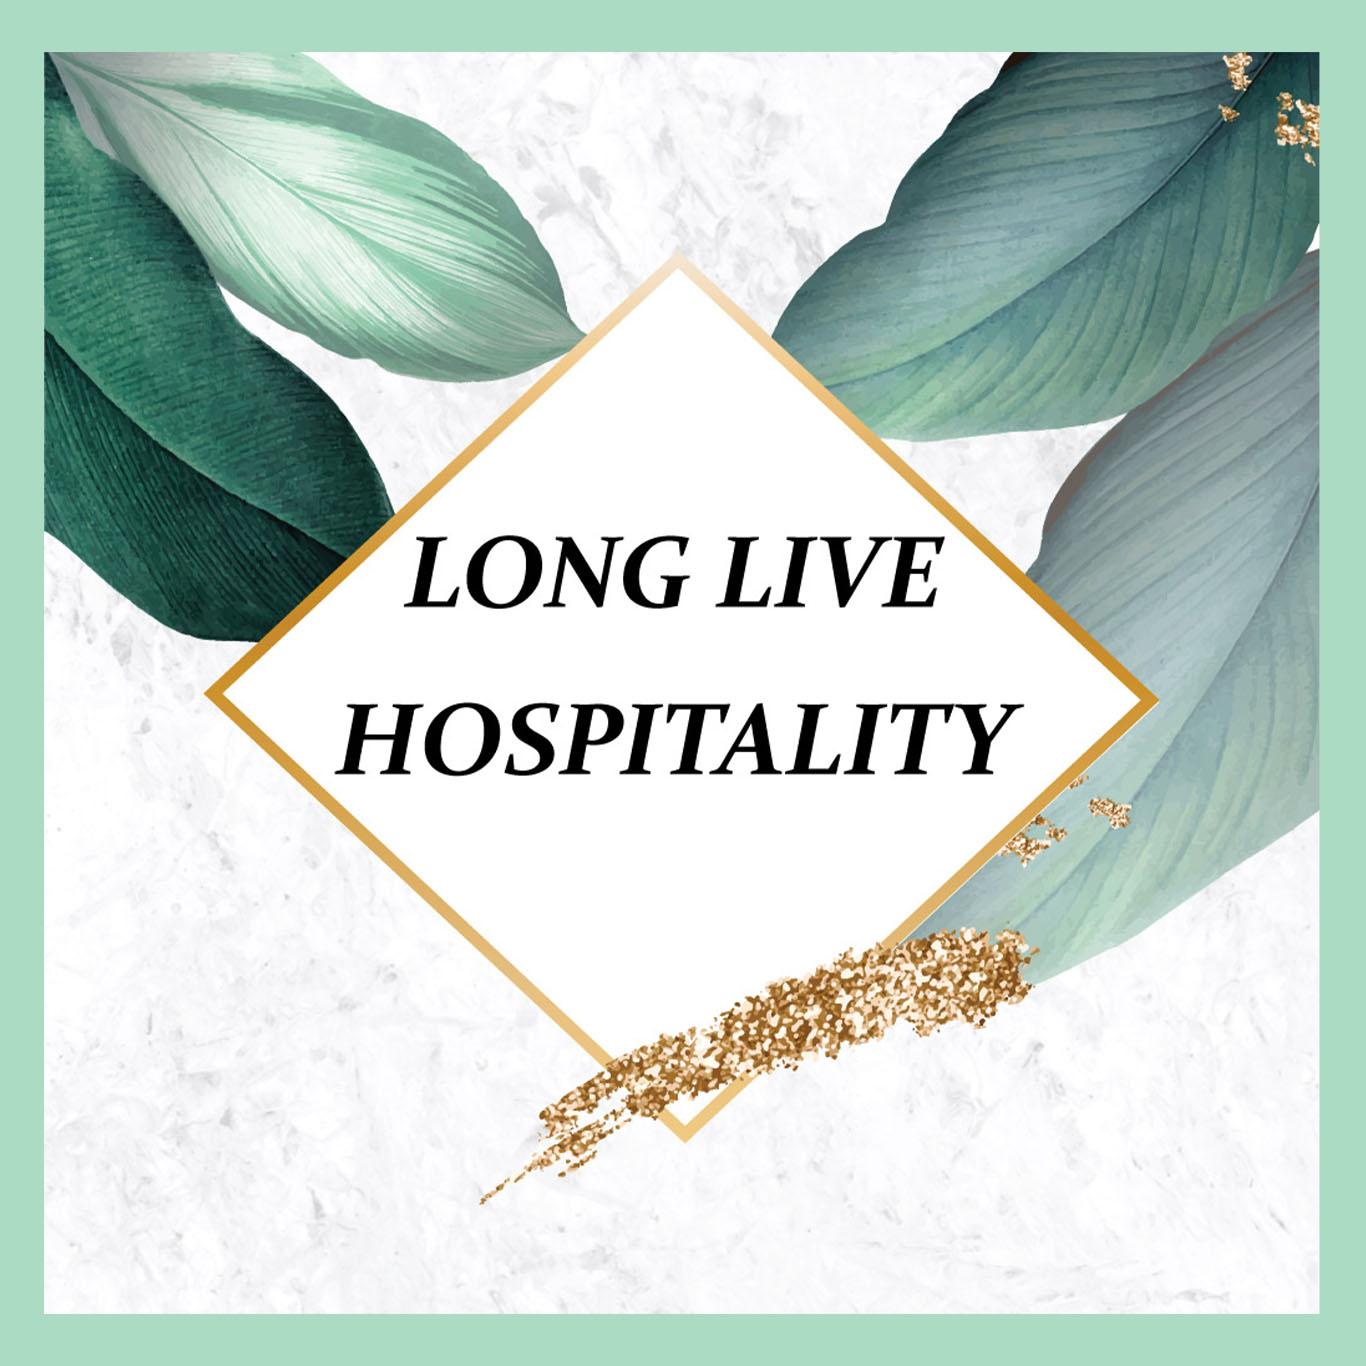 LONG LIVE HOSPITALITY